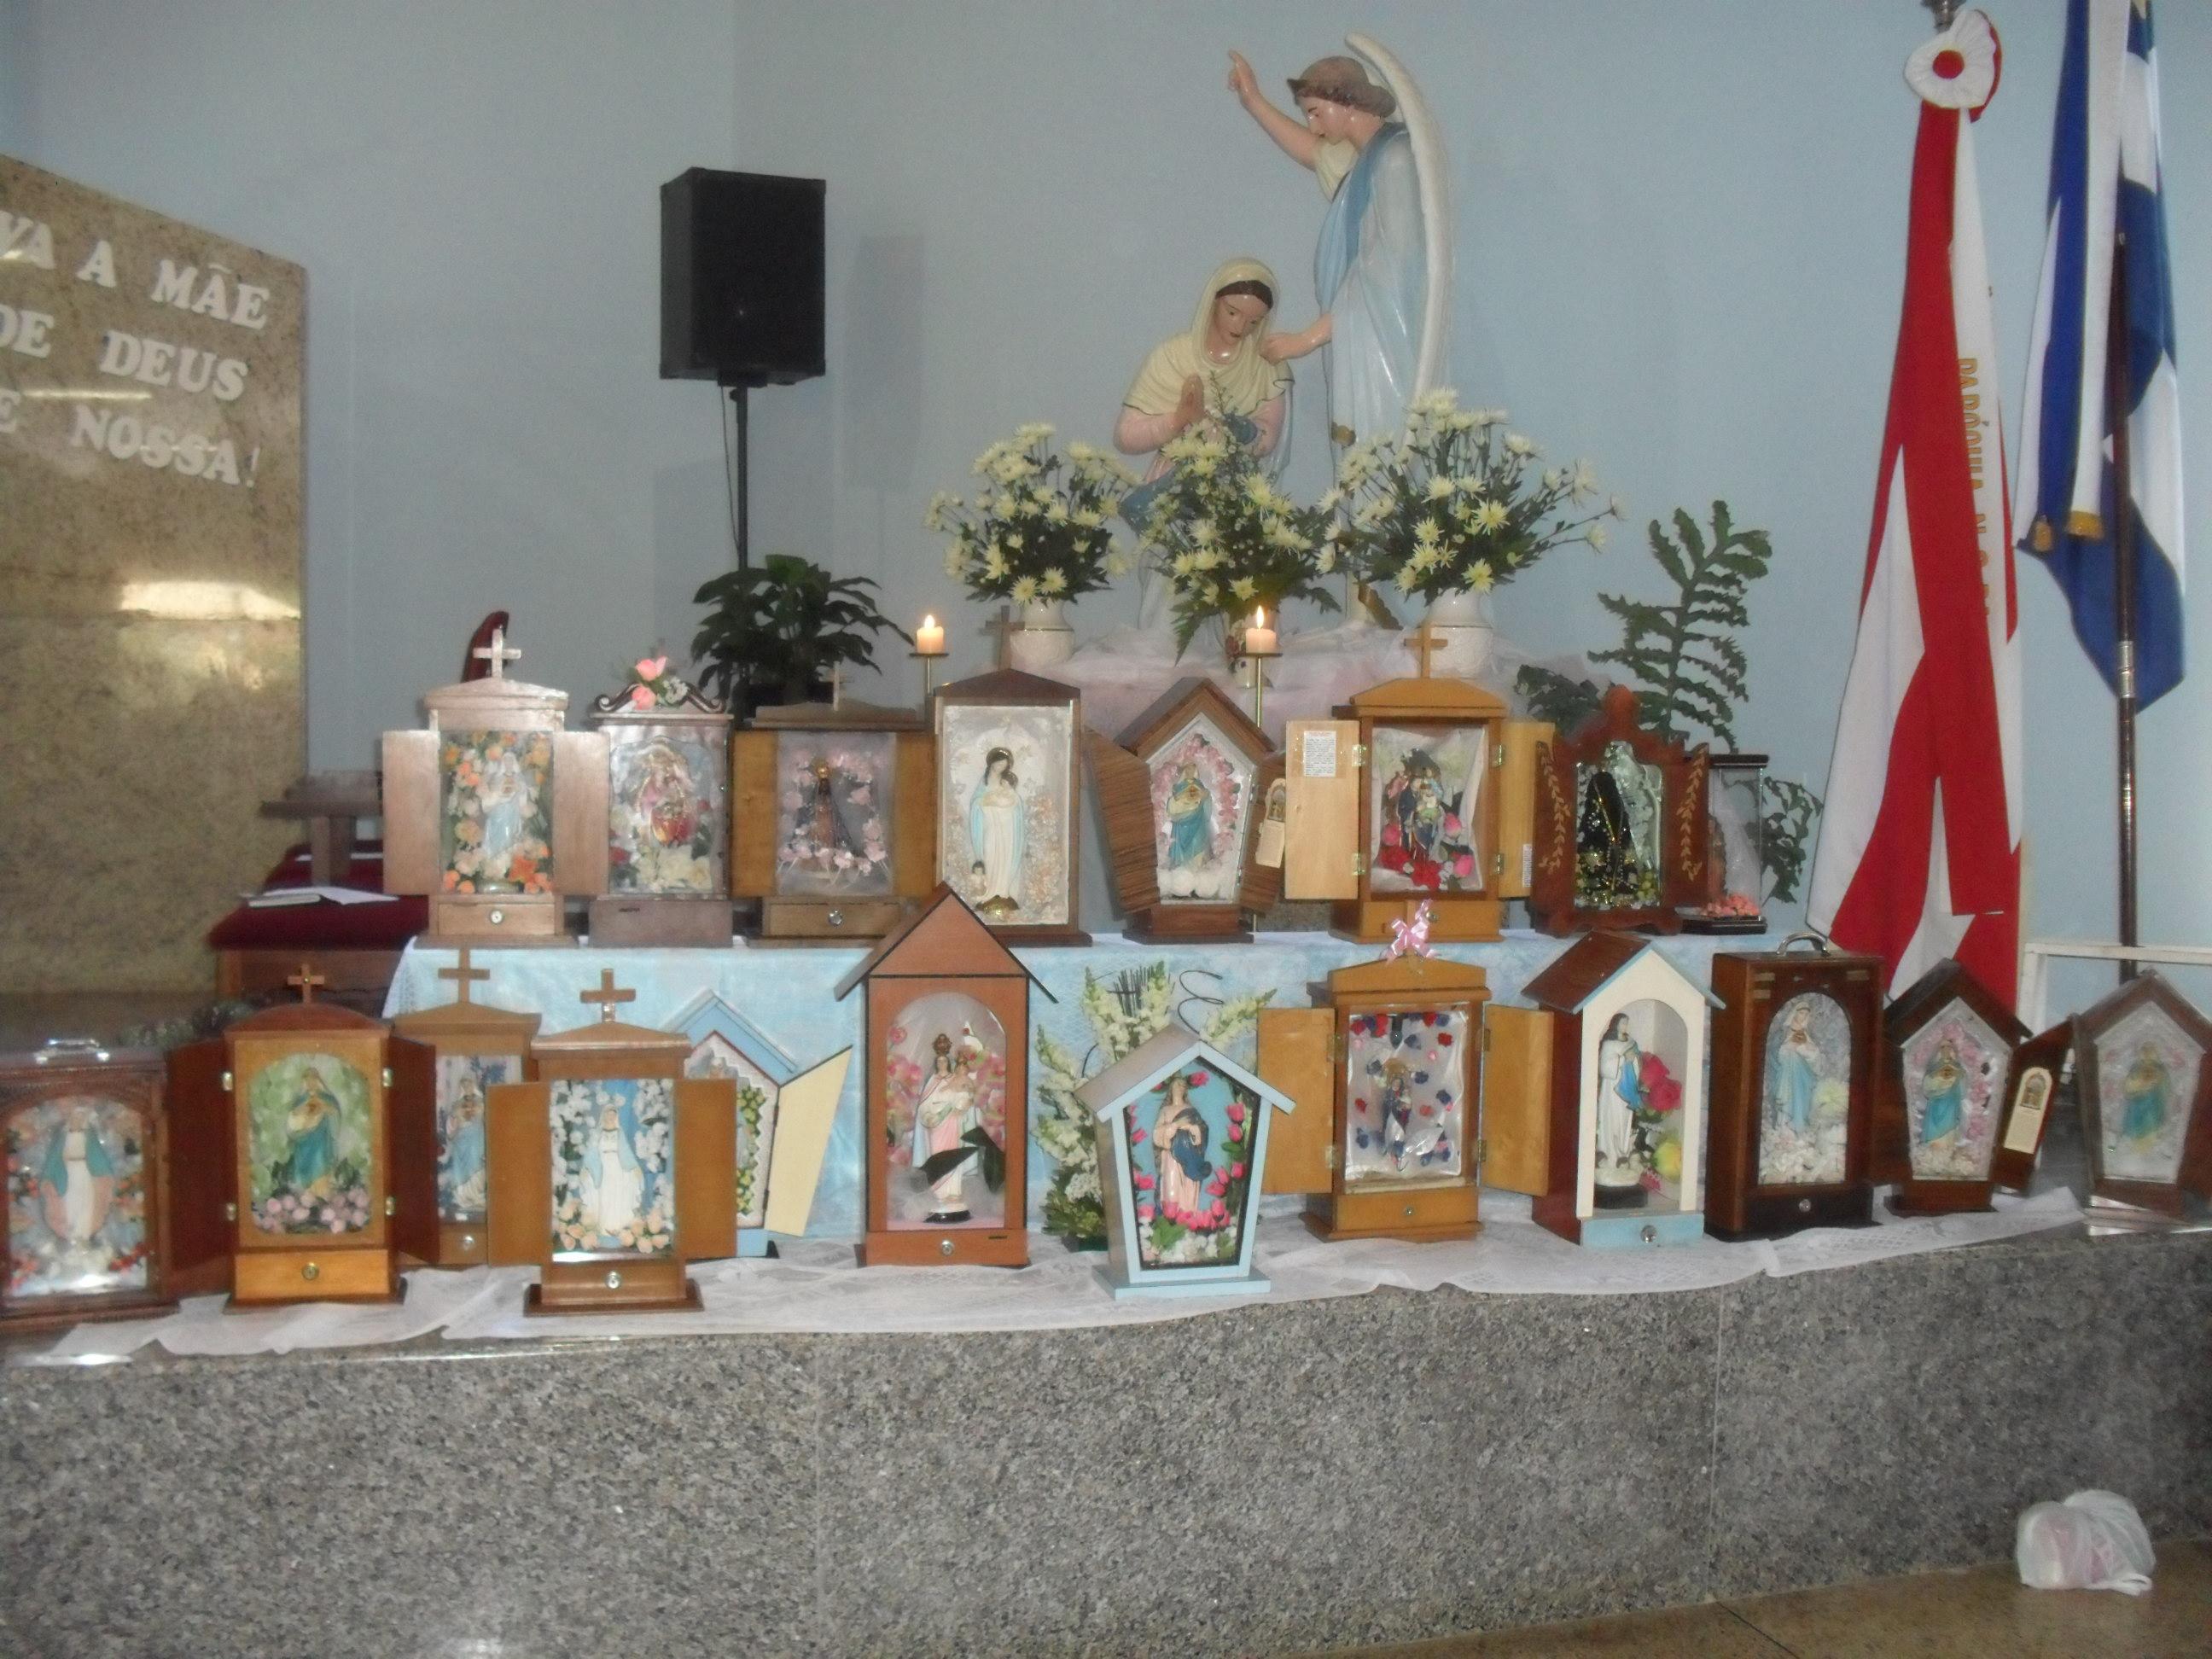 Capelinhas de Nossa Senhora